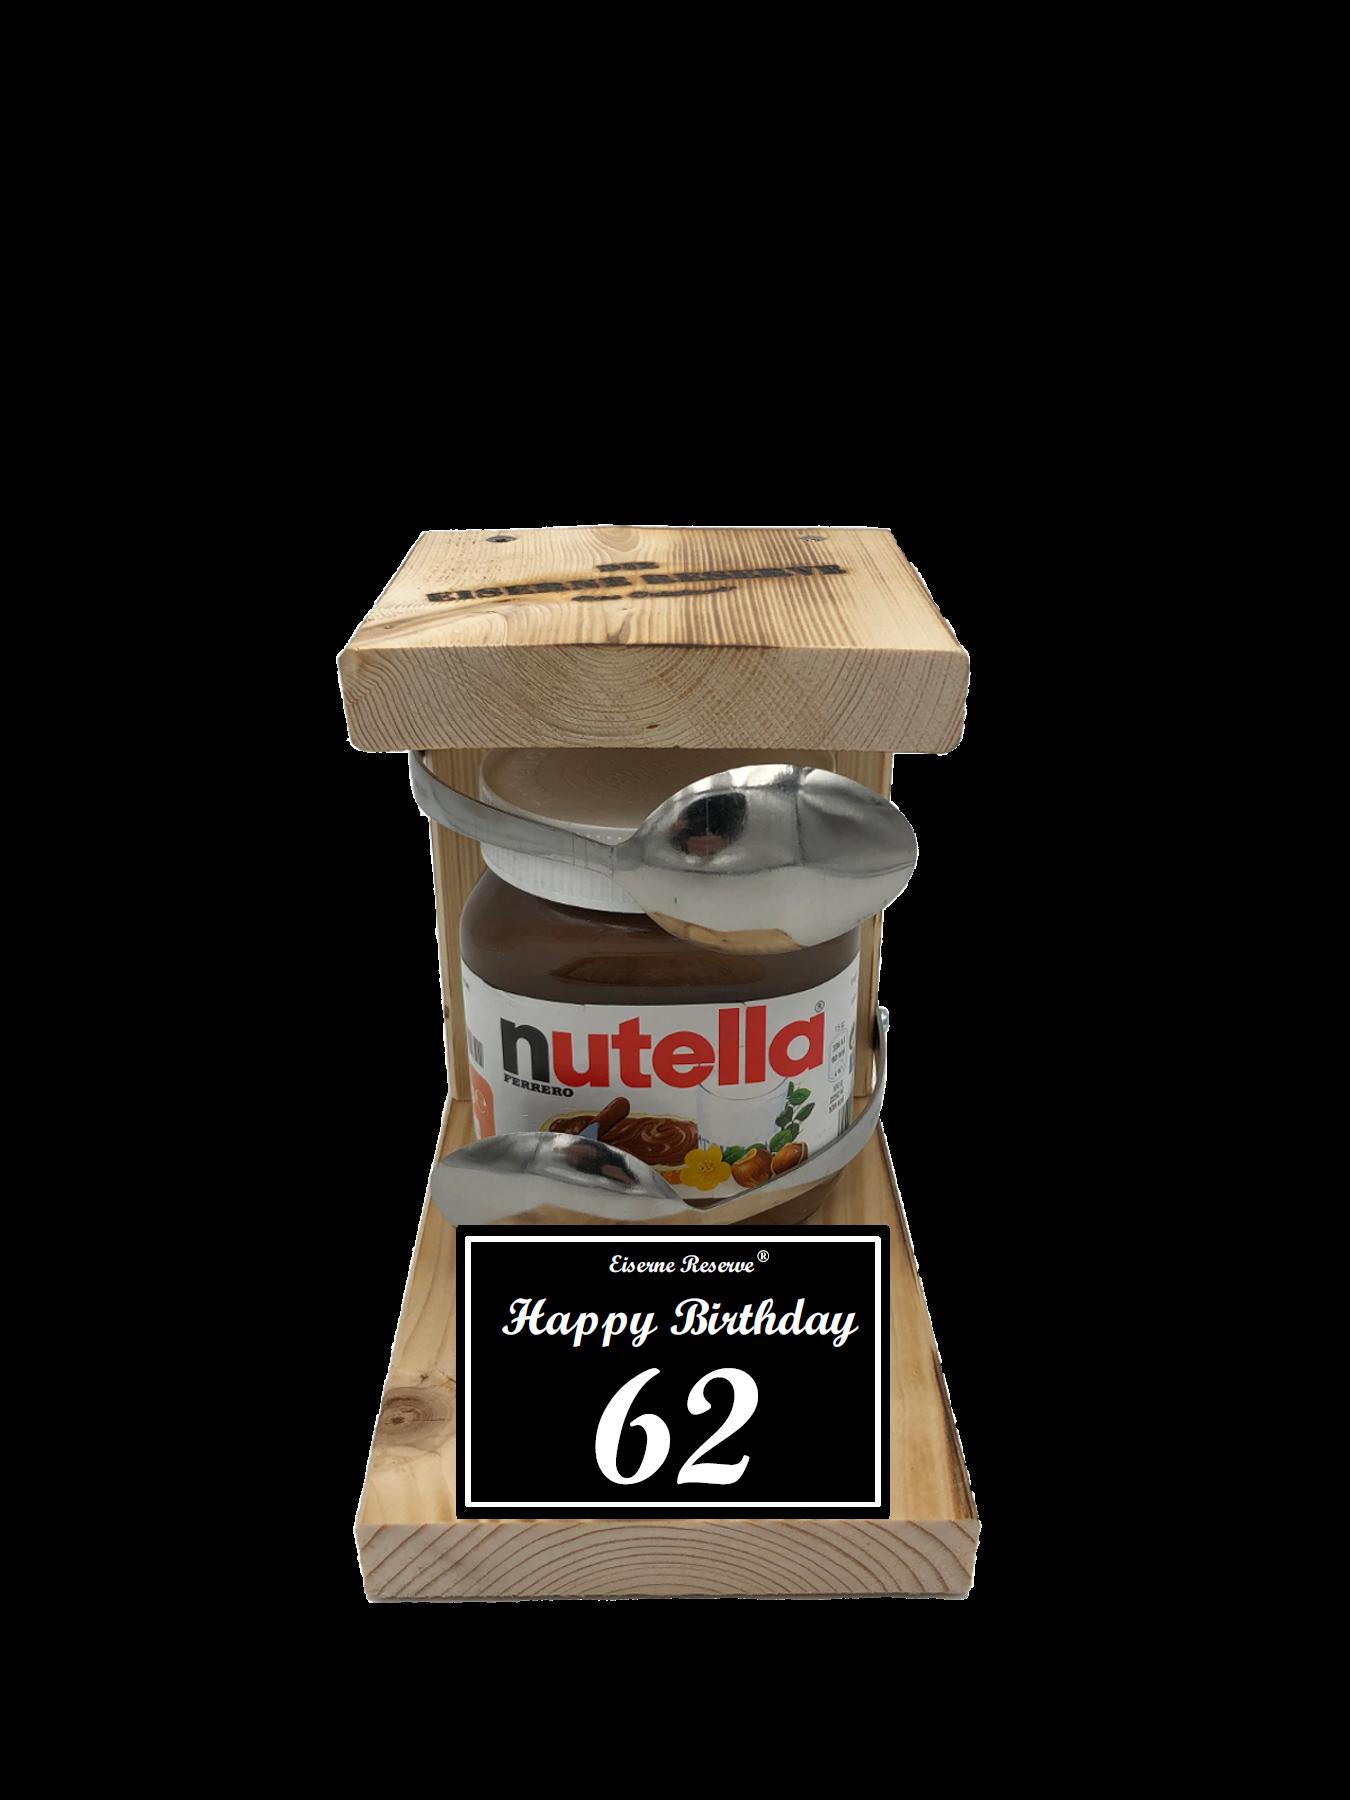 62 Happy Birthday Löffel Nutella Geschenk - Die Nutella Geschenkidee